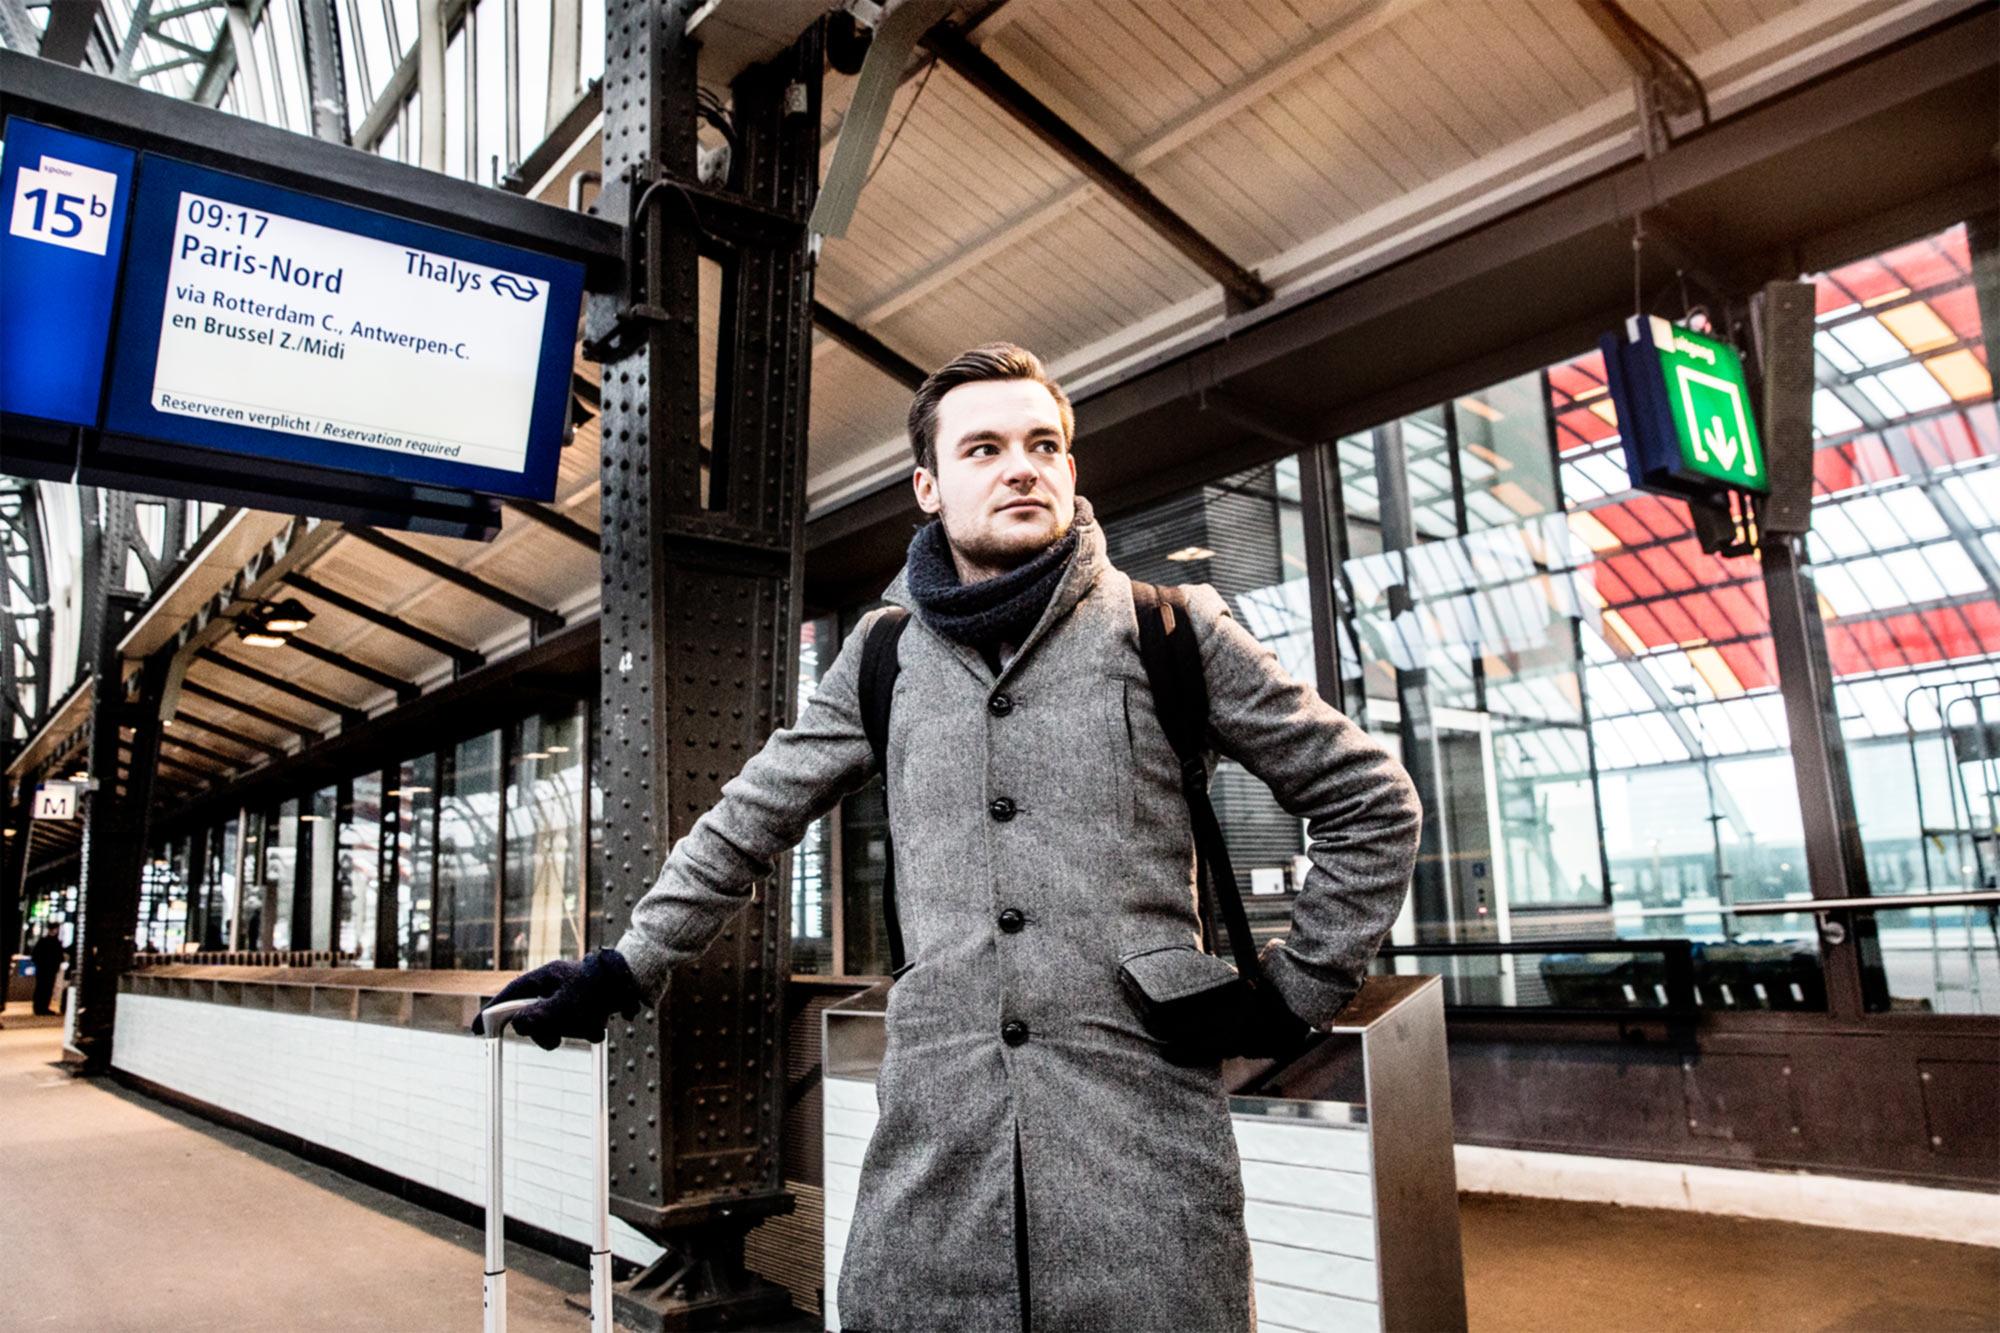 Welke trein brengt u in drie uur van amsterdam naar parijs